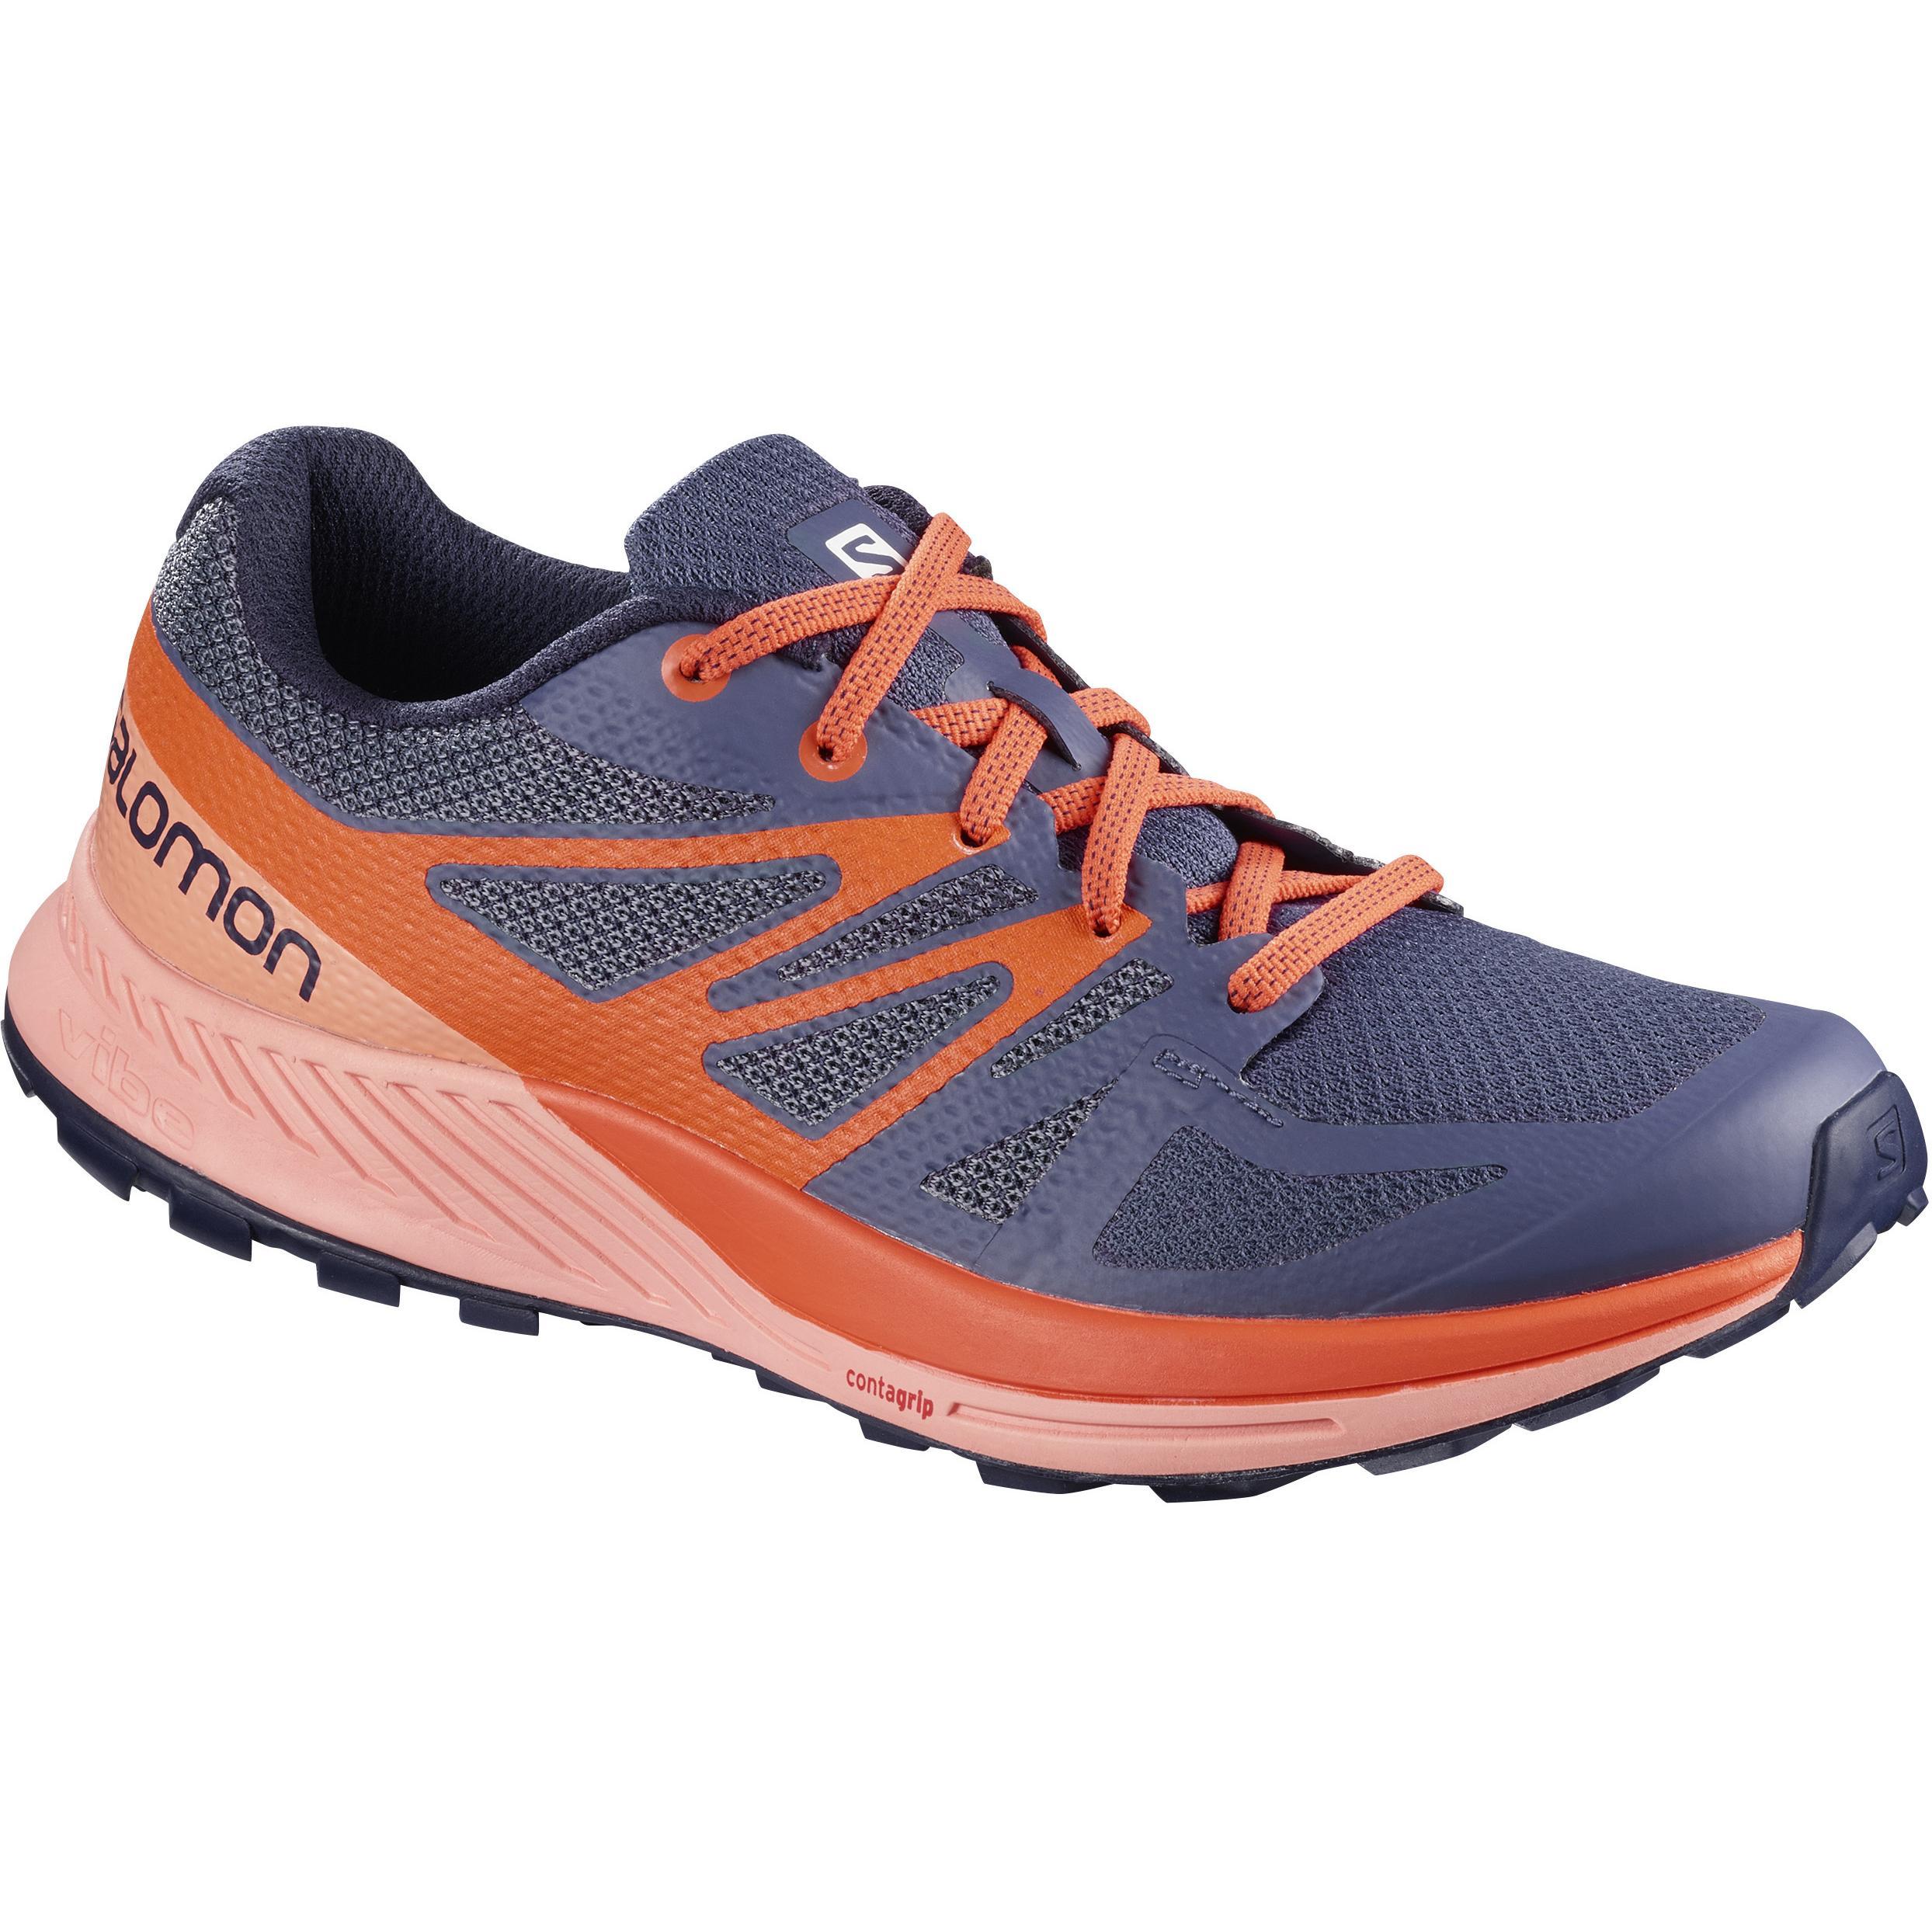 Купить Беговые кроссовки для XC SALOMON 2018 SENSE ESCAPE W Crown Blue/Coral Almond/Nasturtium, Кроссовки бега, 1400231